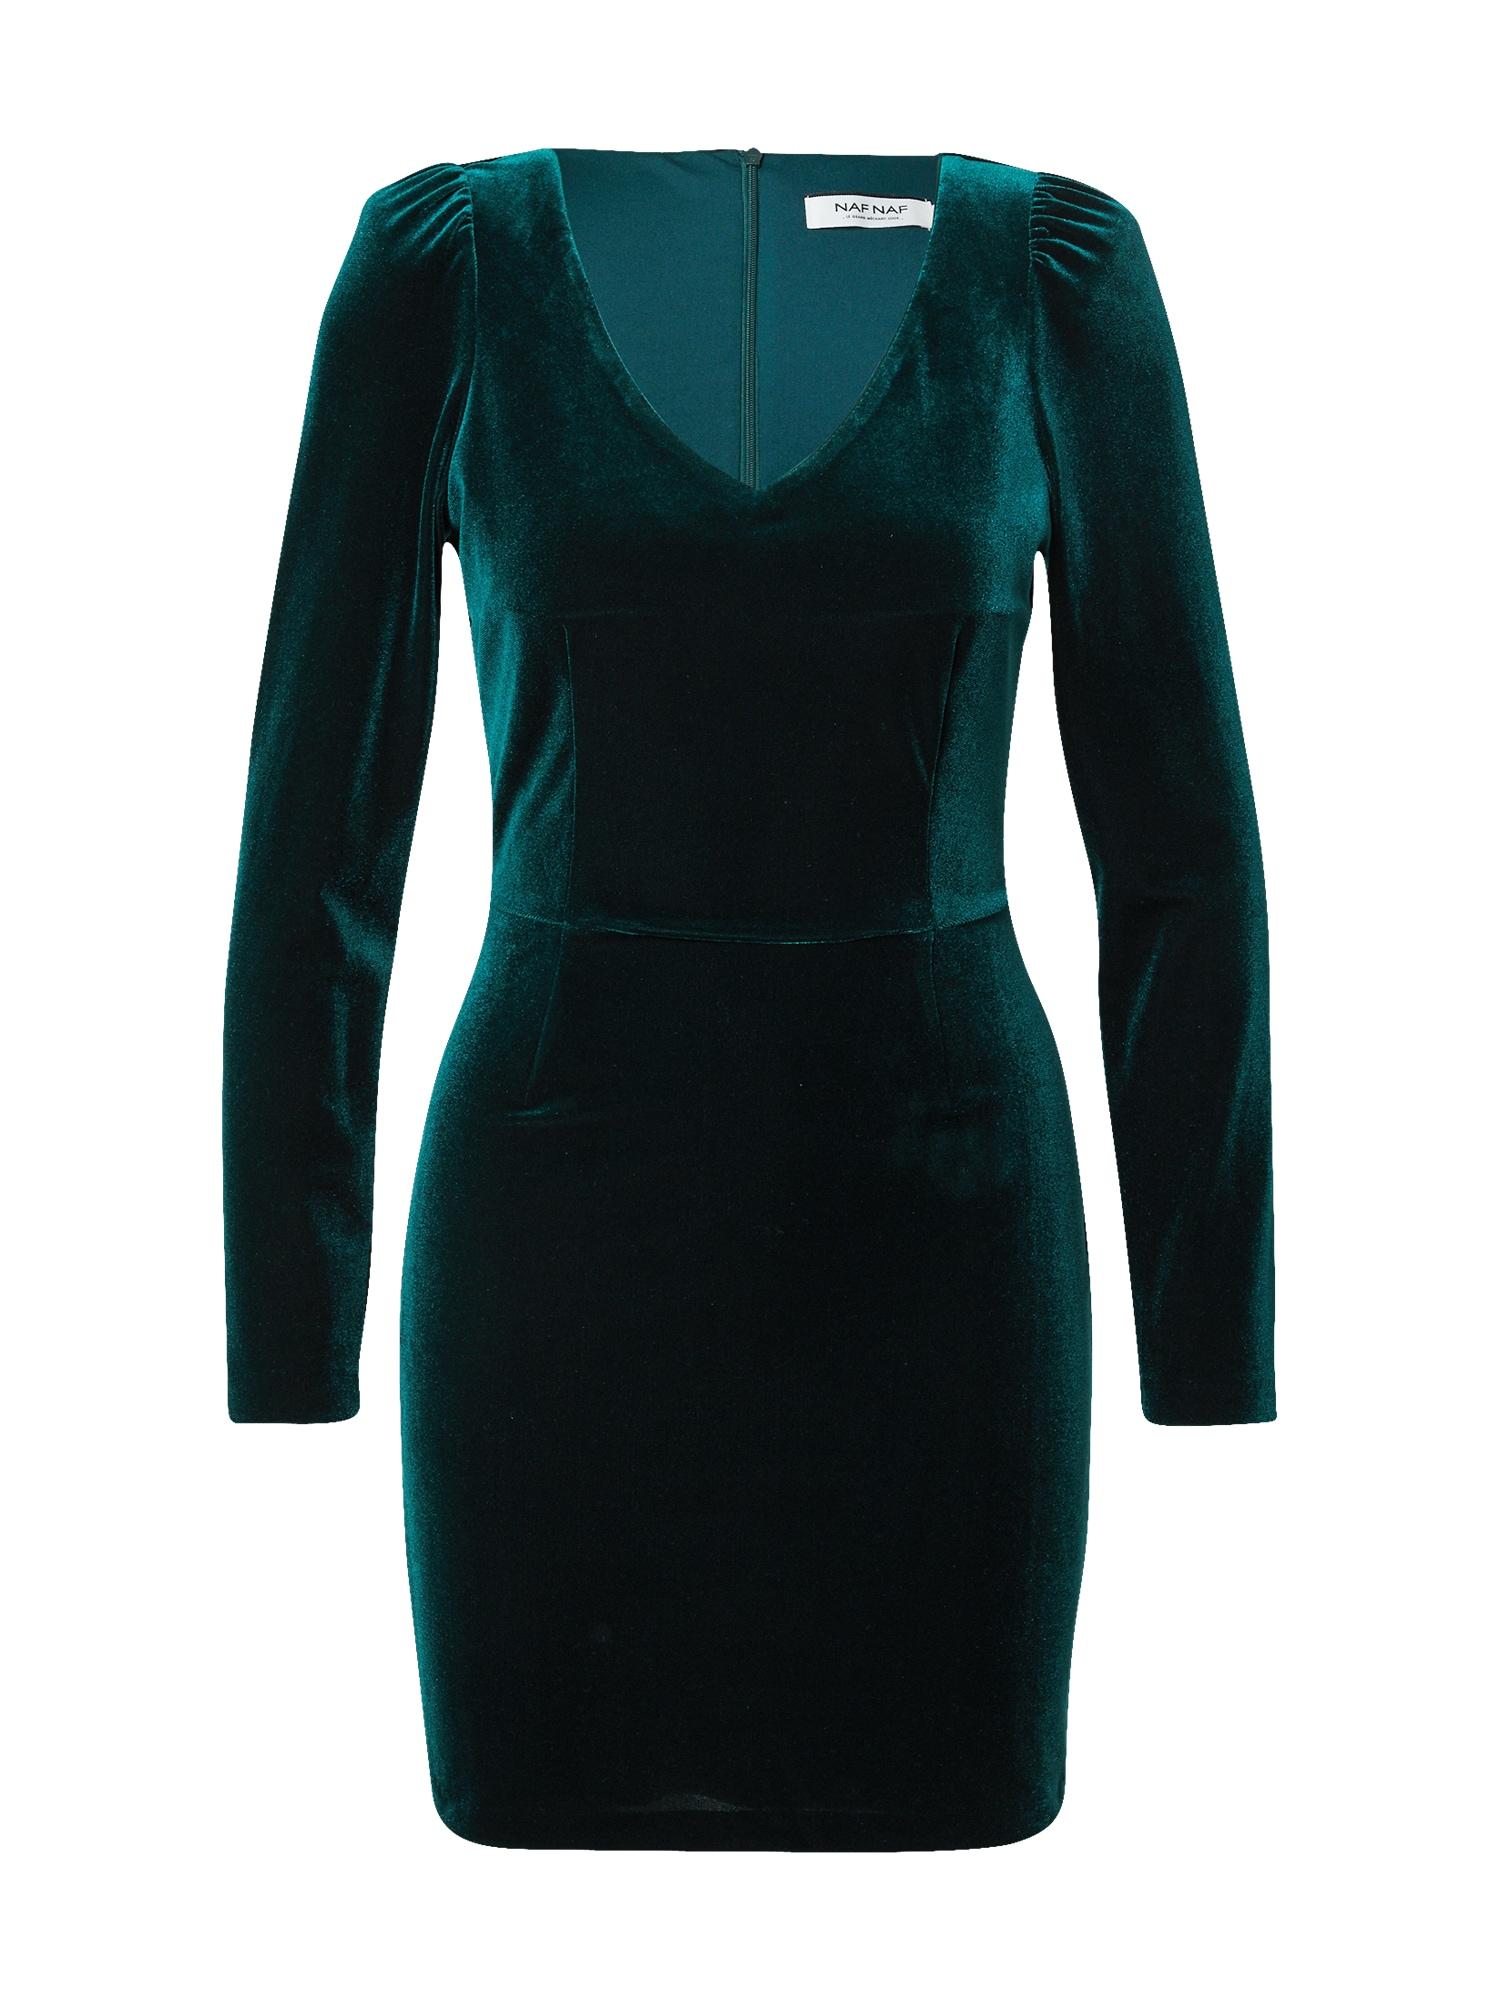 NAF NAF Suknelė smaragdinė spalva